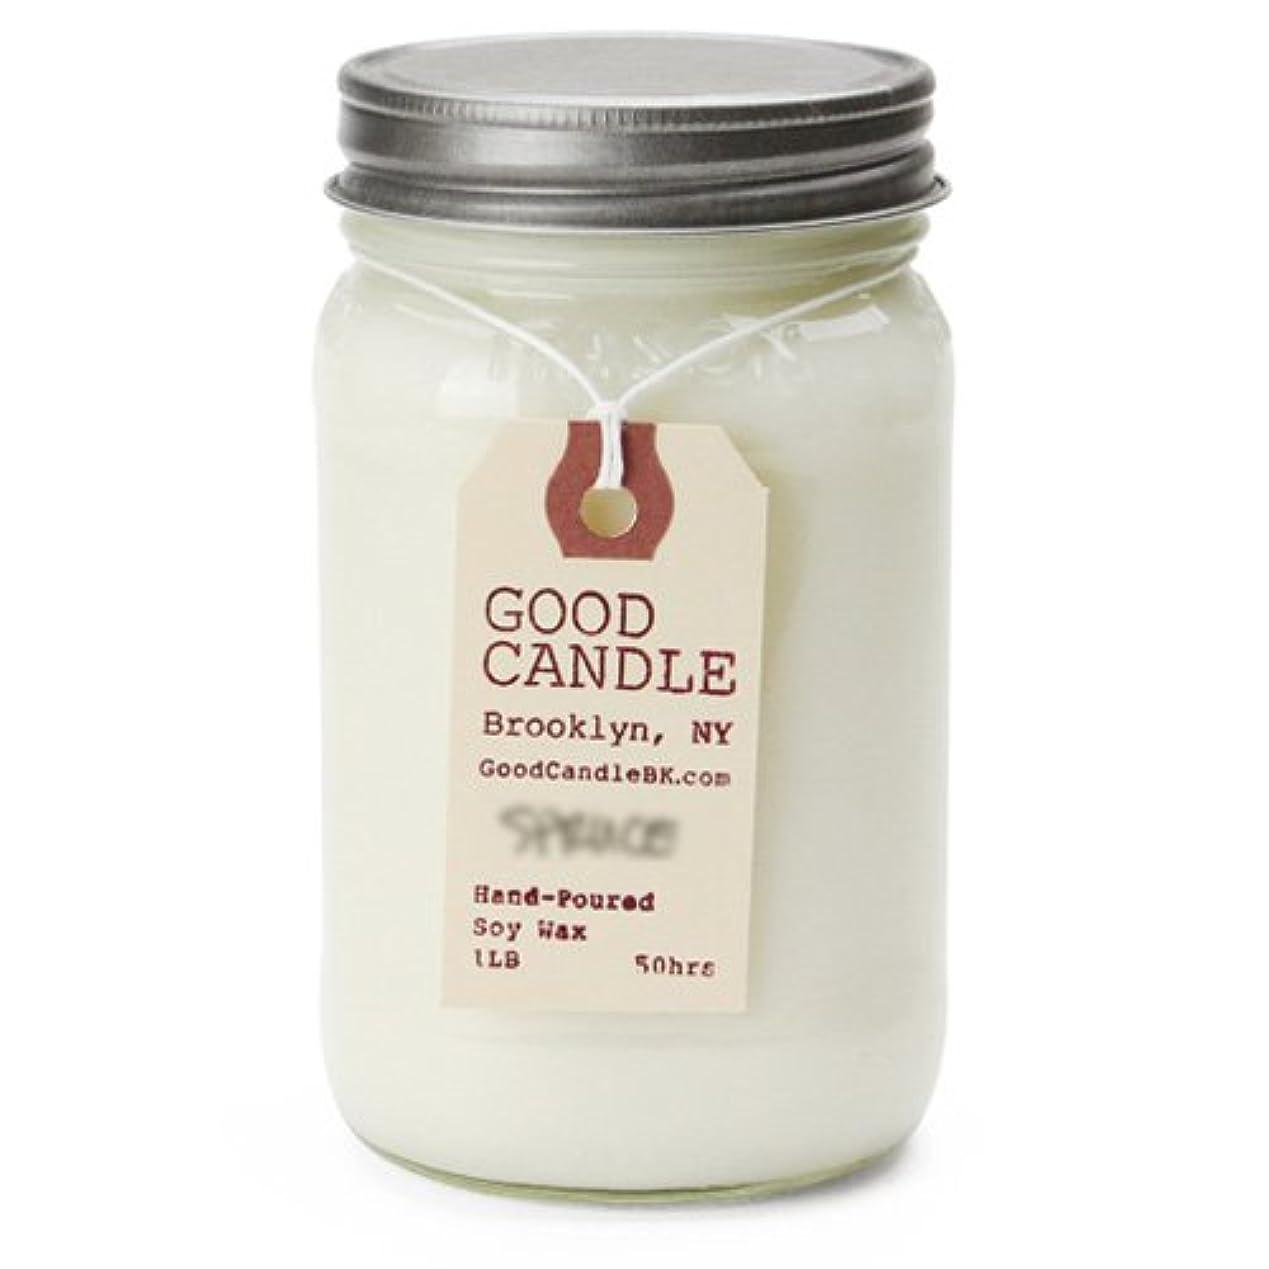 書く業界に慣れグッドキャンドル 1ポンド メイソンジャー キャンドル Good Candle 1LB Mason jar candle [ Mimosa ] 正規品